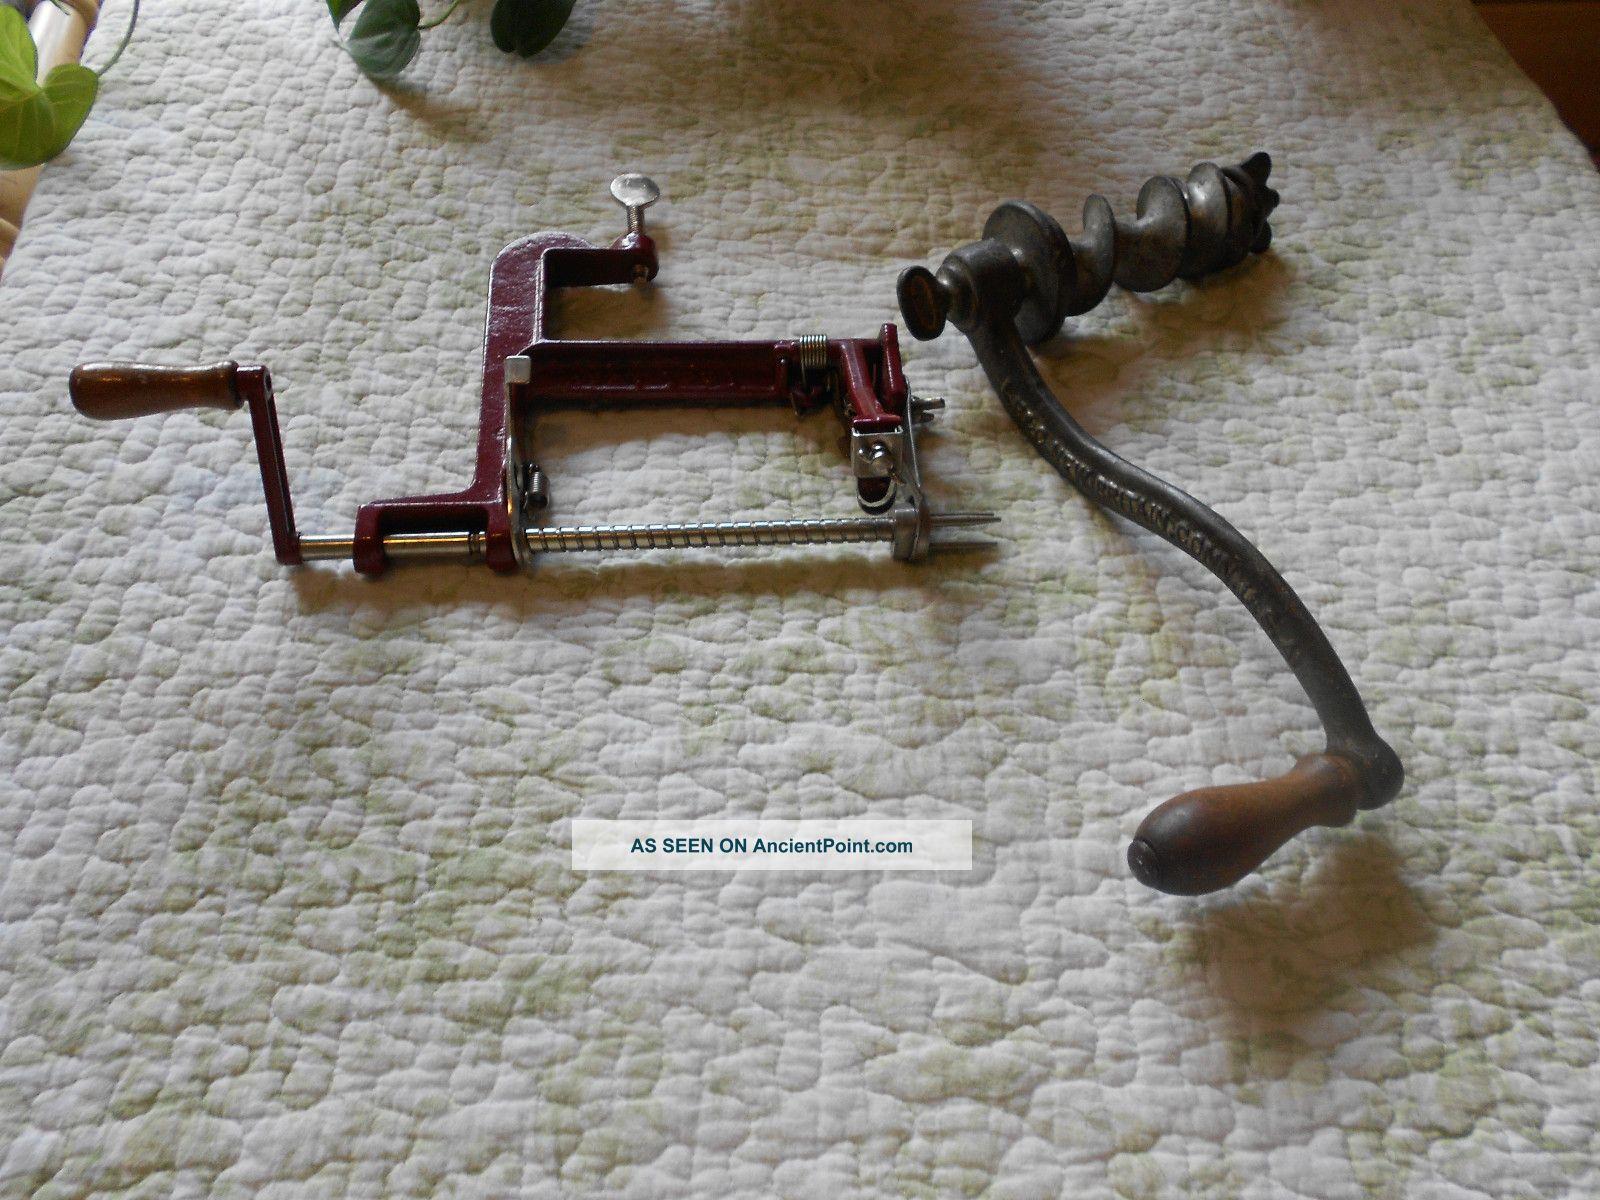 Vintage/antique L.  F.  &c.  Crank For Meat Grinder And Back To Basics Apple Peeler Meat Grinders photo